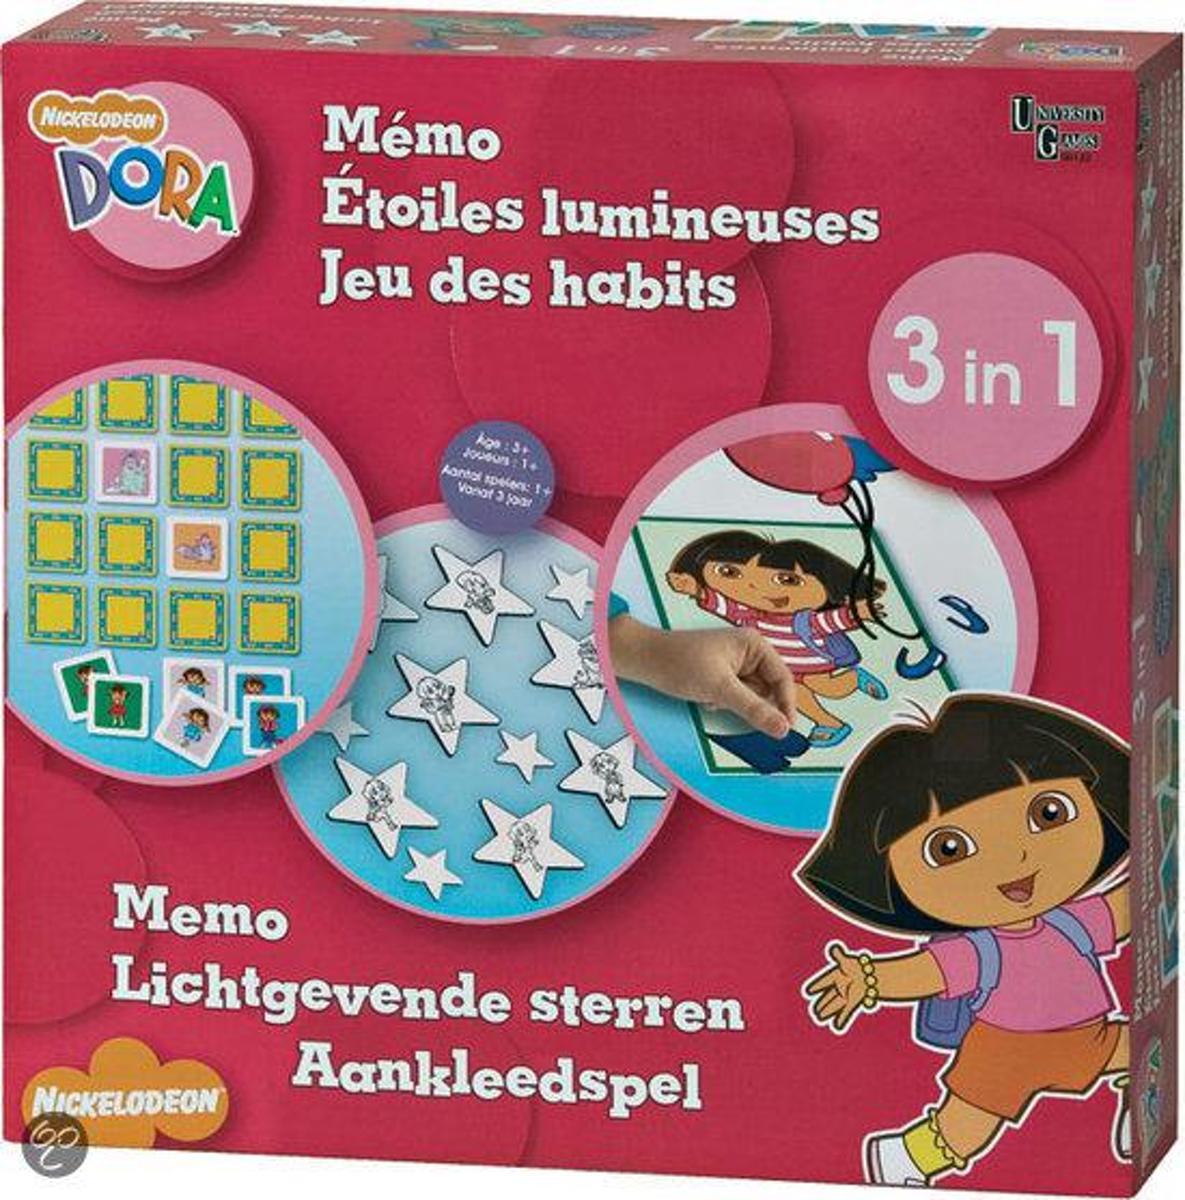 Dora 3 in 1